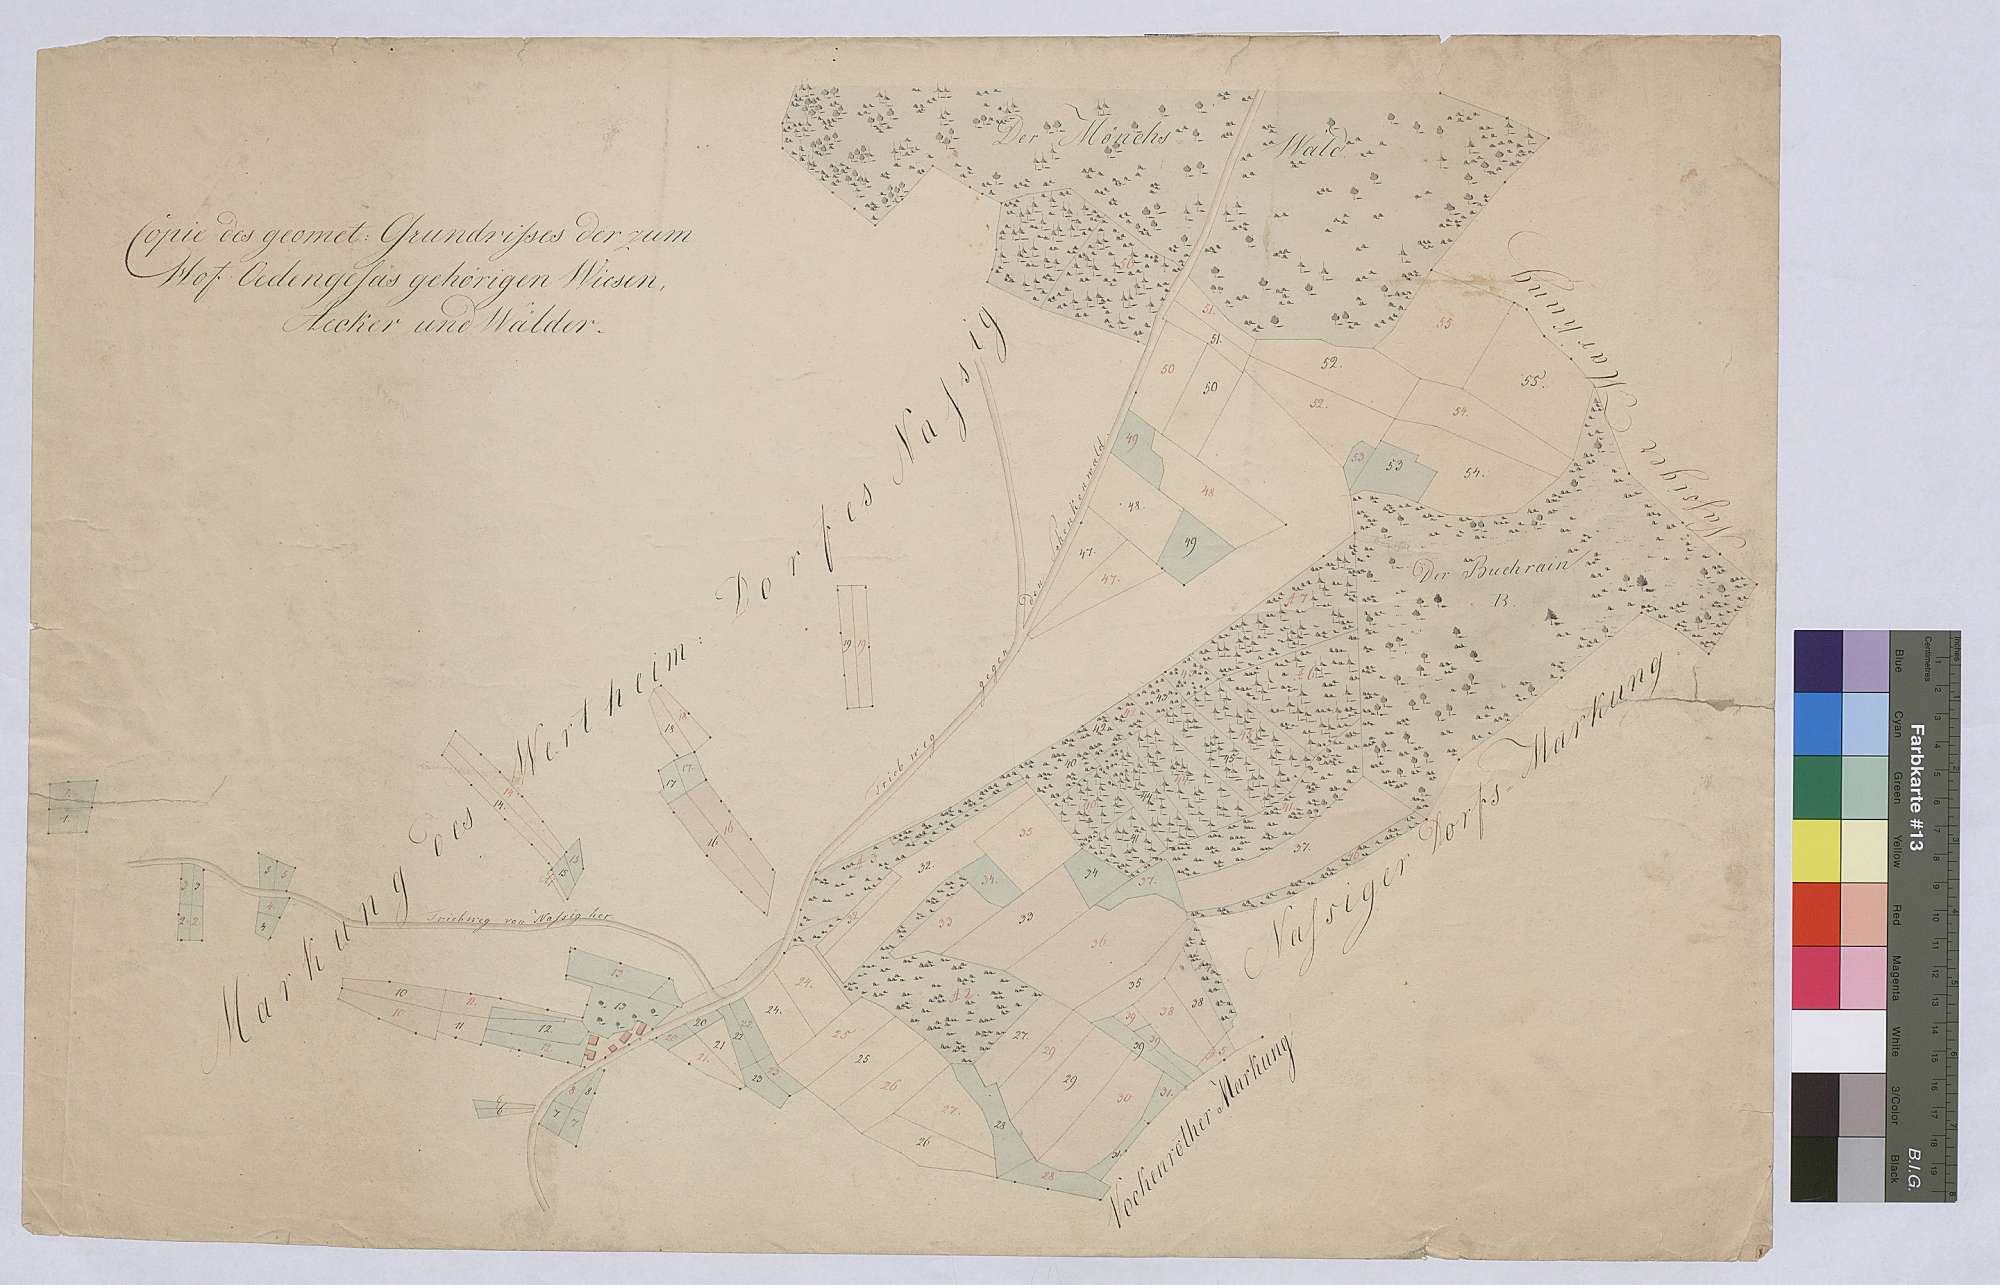 Zum Hofgut Ödengesäß gehörige Wiesen, Äcker und Wälder (Inselkarte), Bild 1